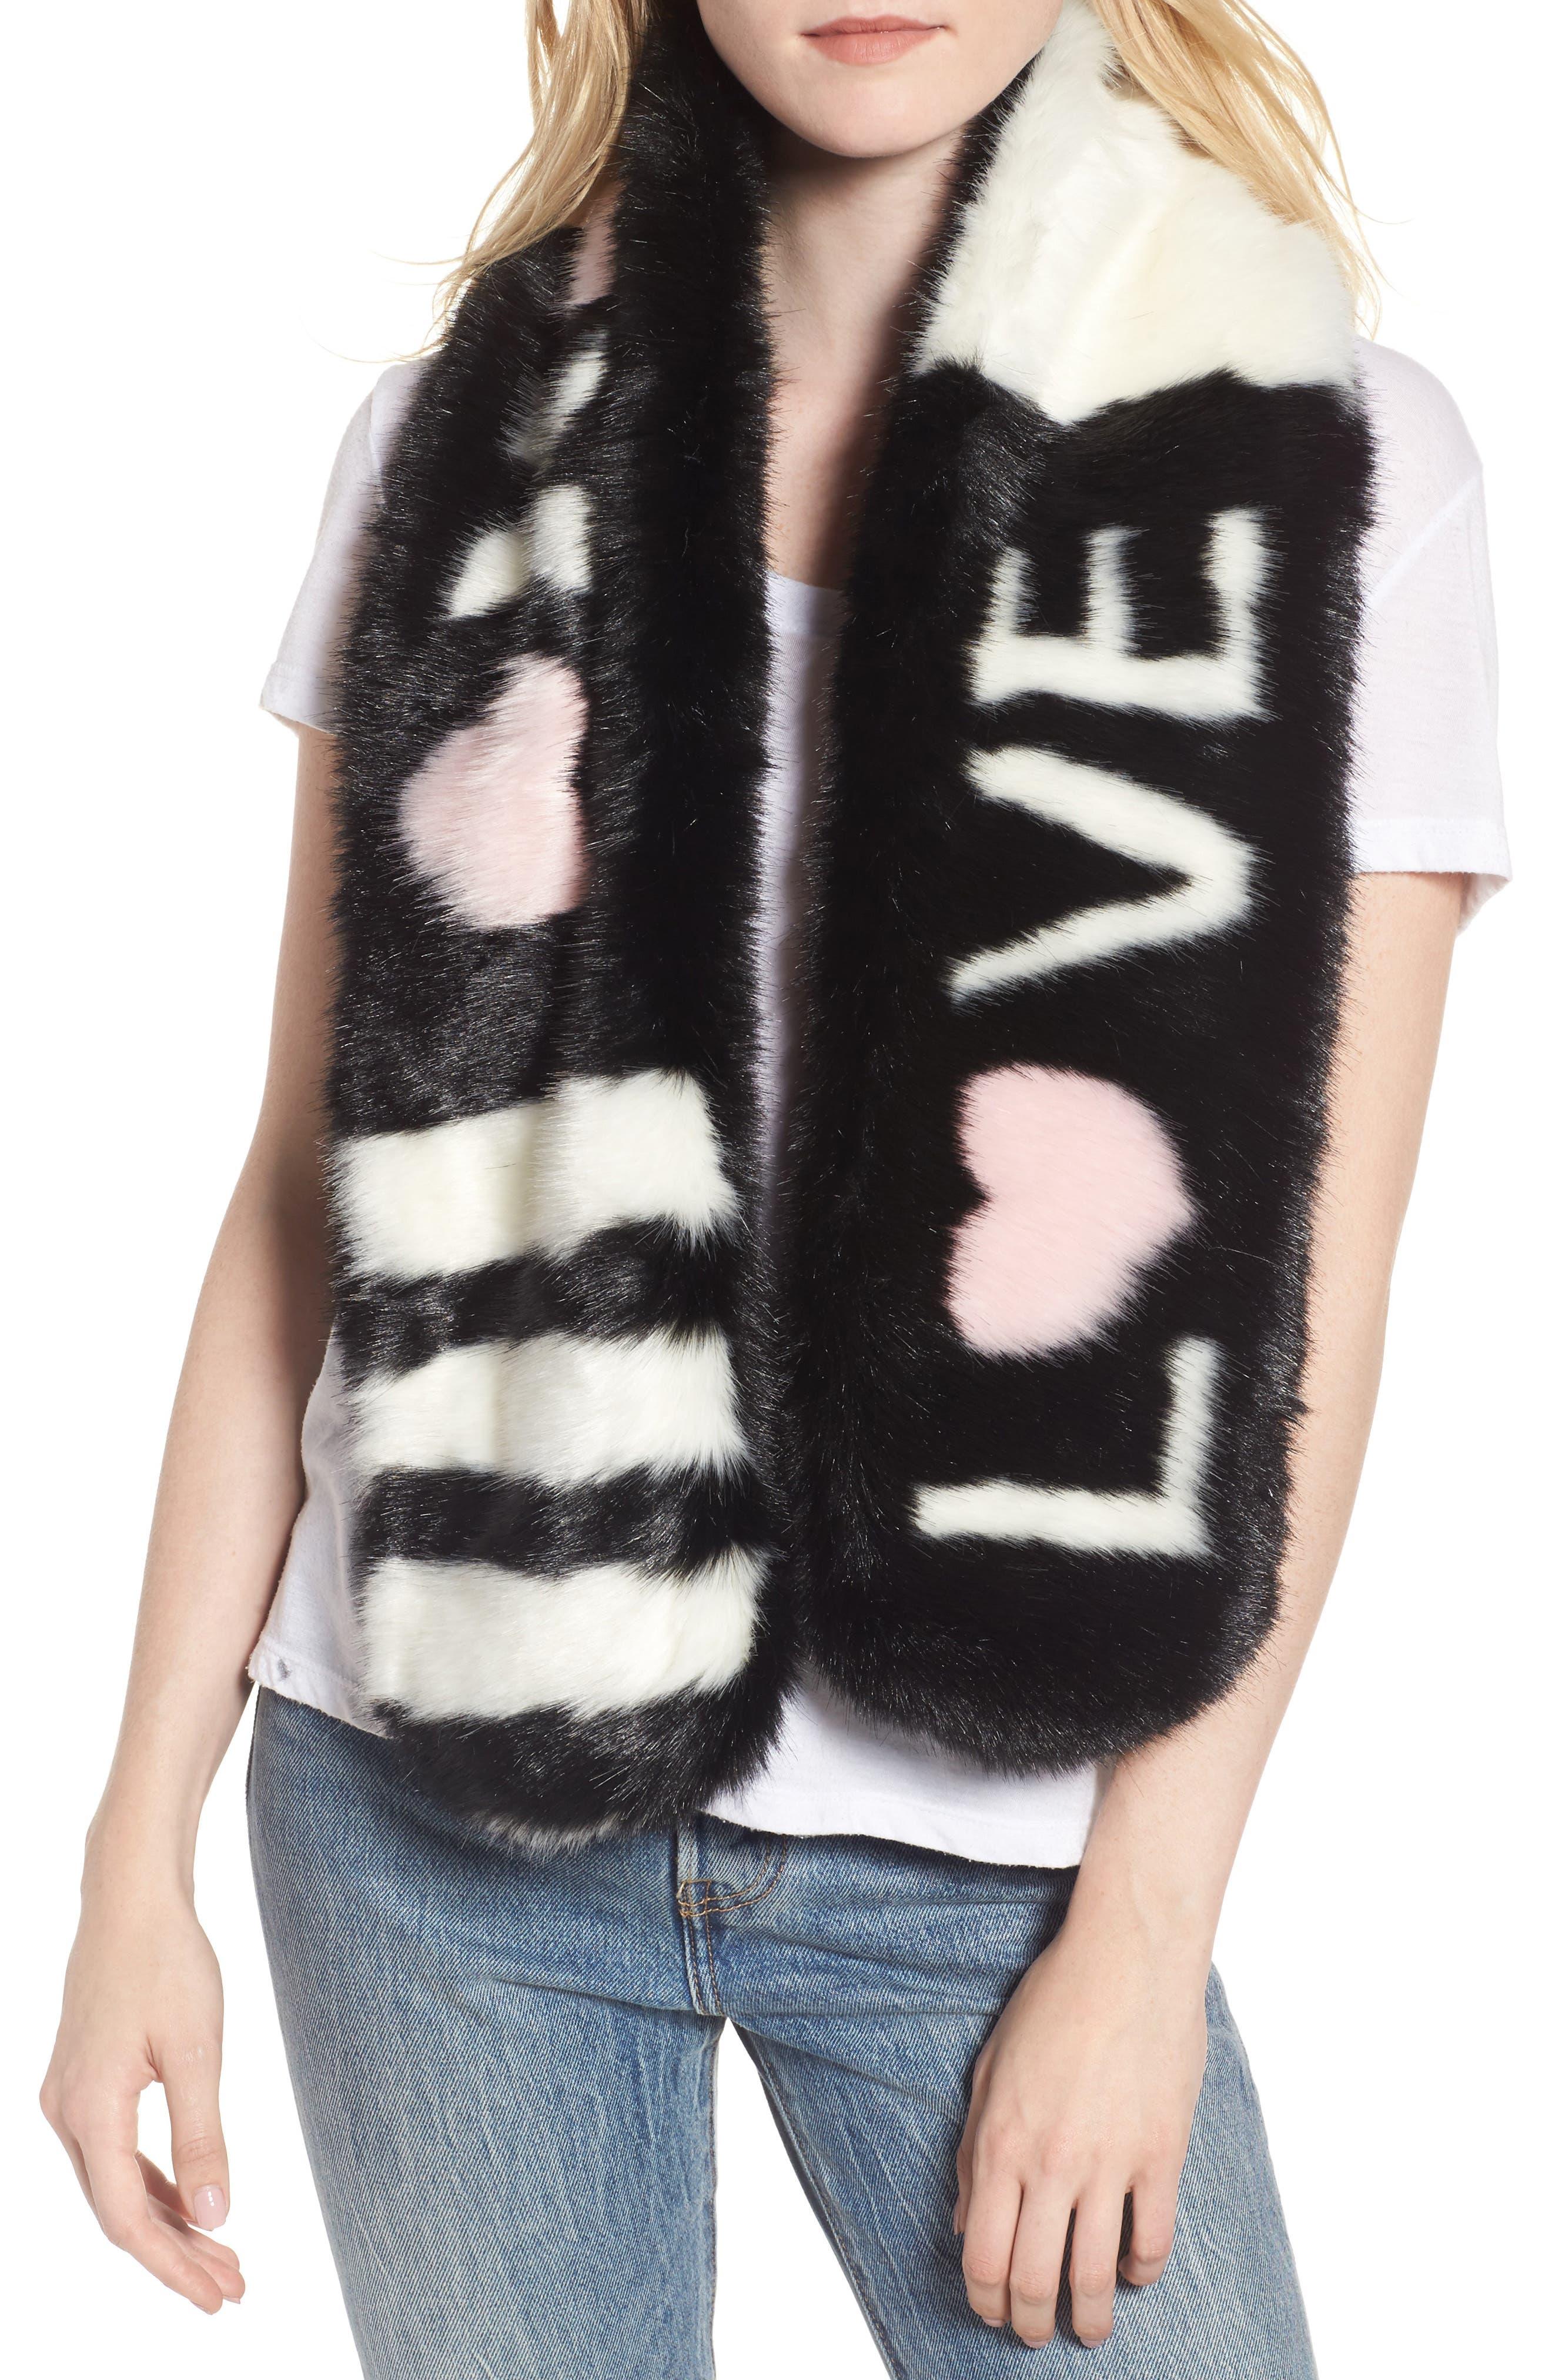 Heurueh Love Faux Fur Stole